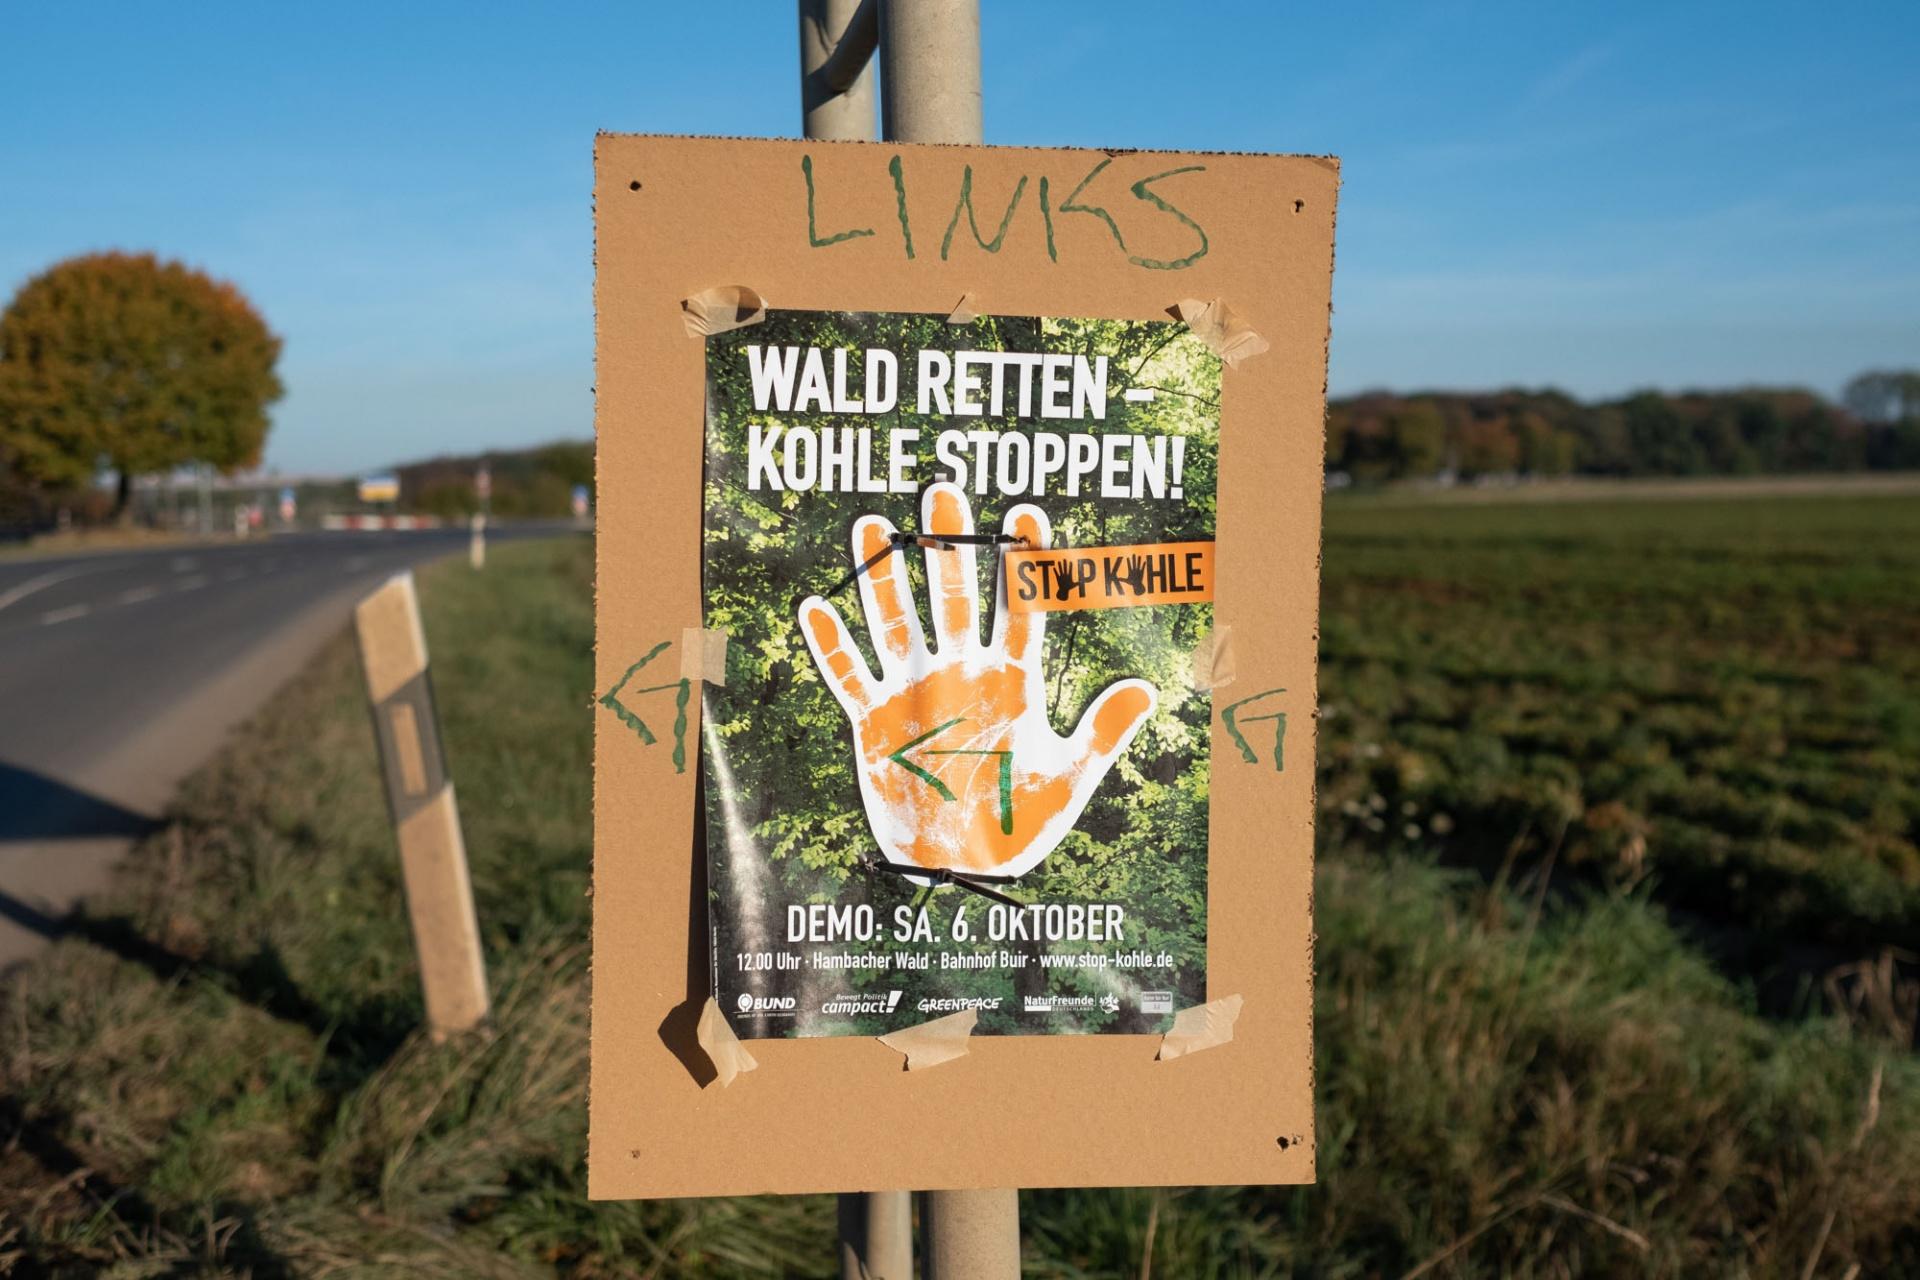 Demo zum Hambacher Forst - Wald retten Kohle stoppen